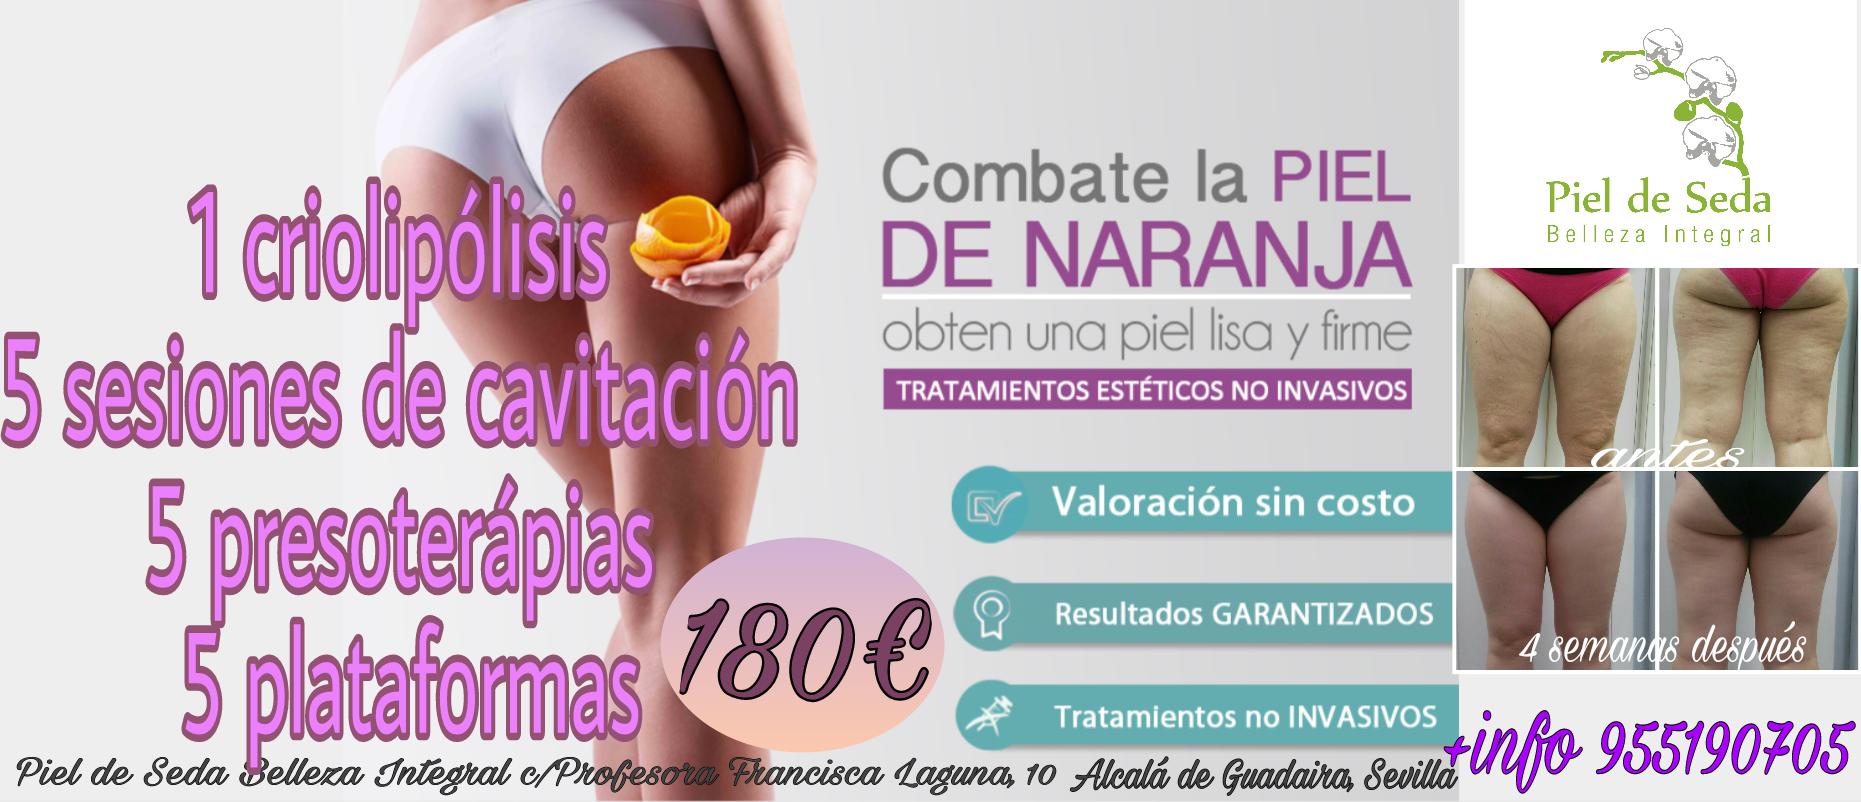 Oferta de Criolipólisis en Alcalá de Guadaíra